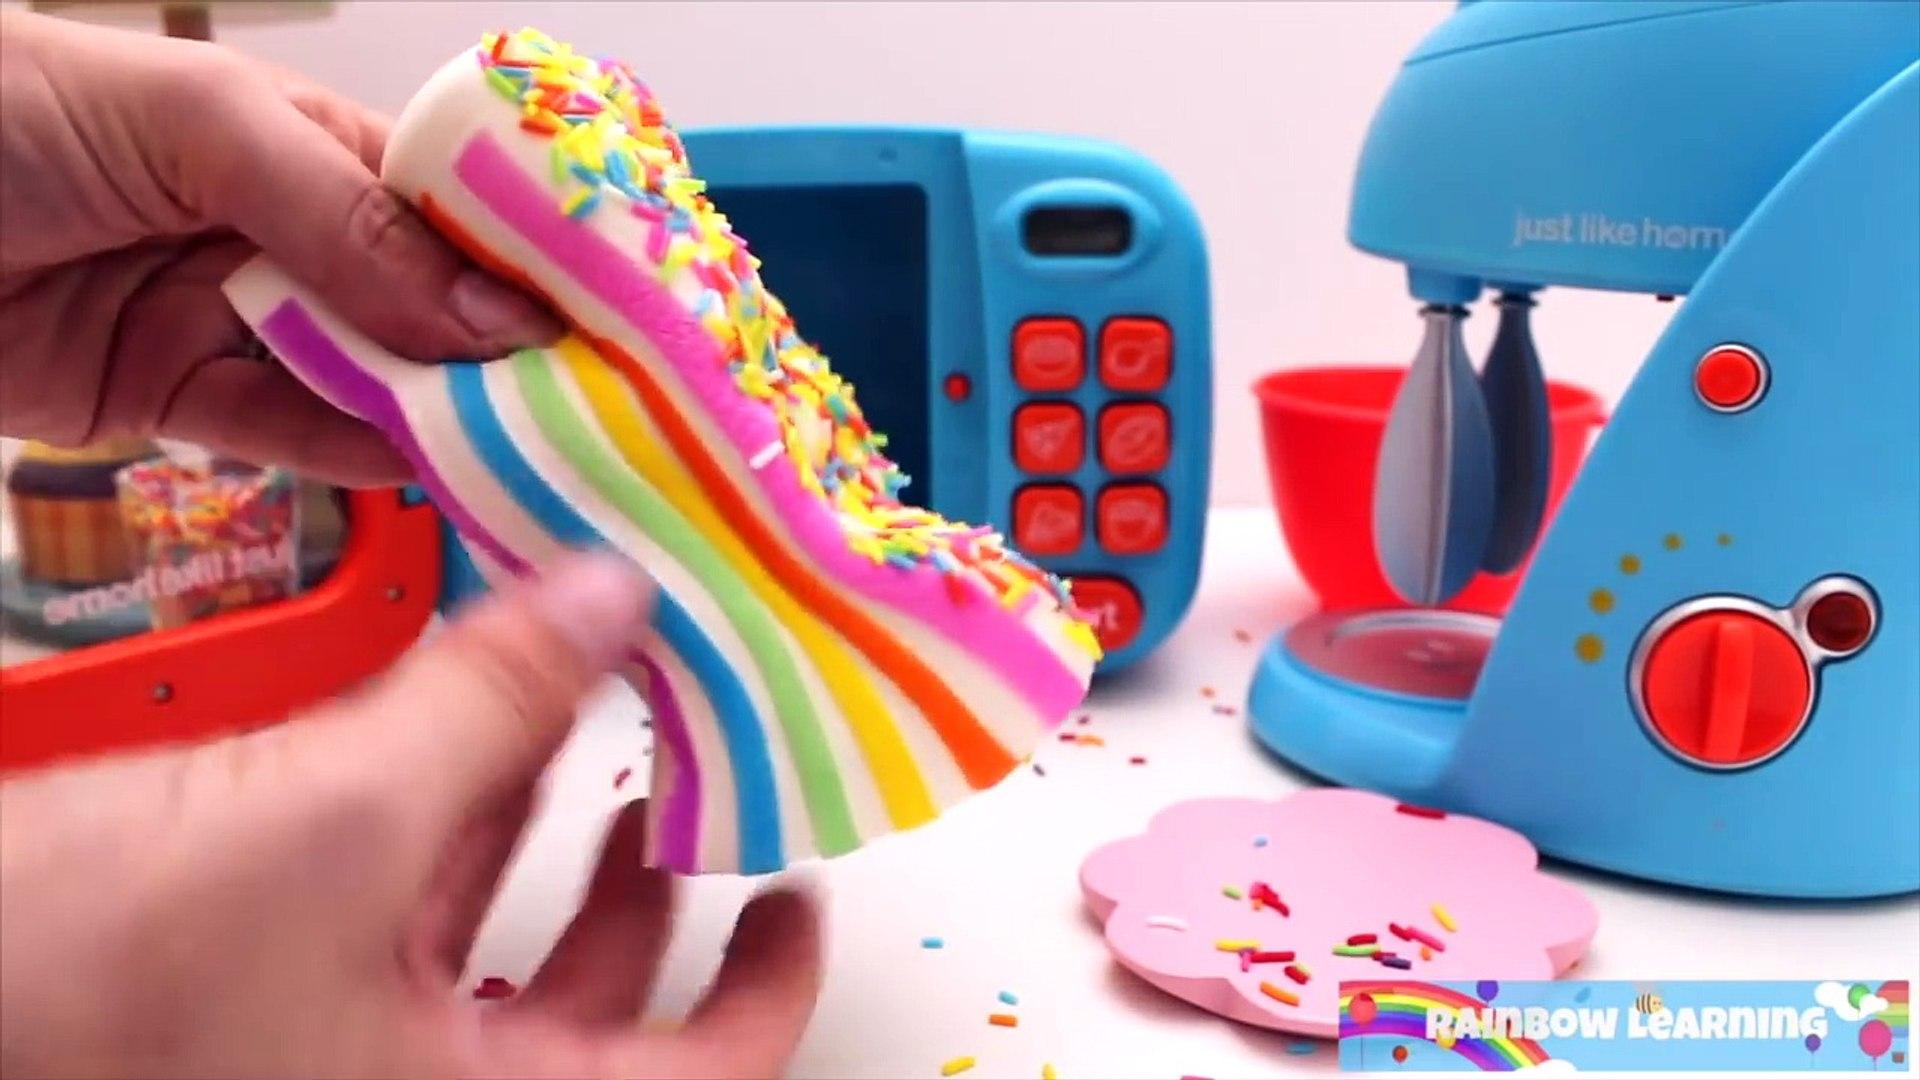 Игрушка микроволновая печь болотистый гамбургер играть доч Узнайте фрукты и овощи с липучка Игрушки